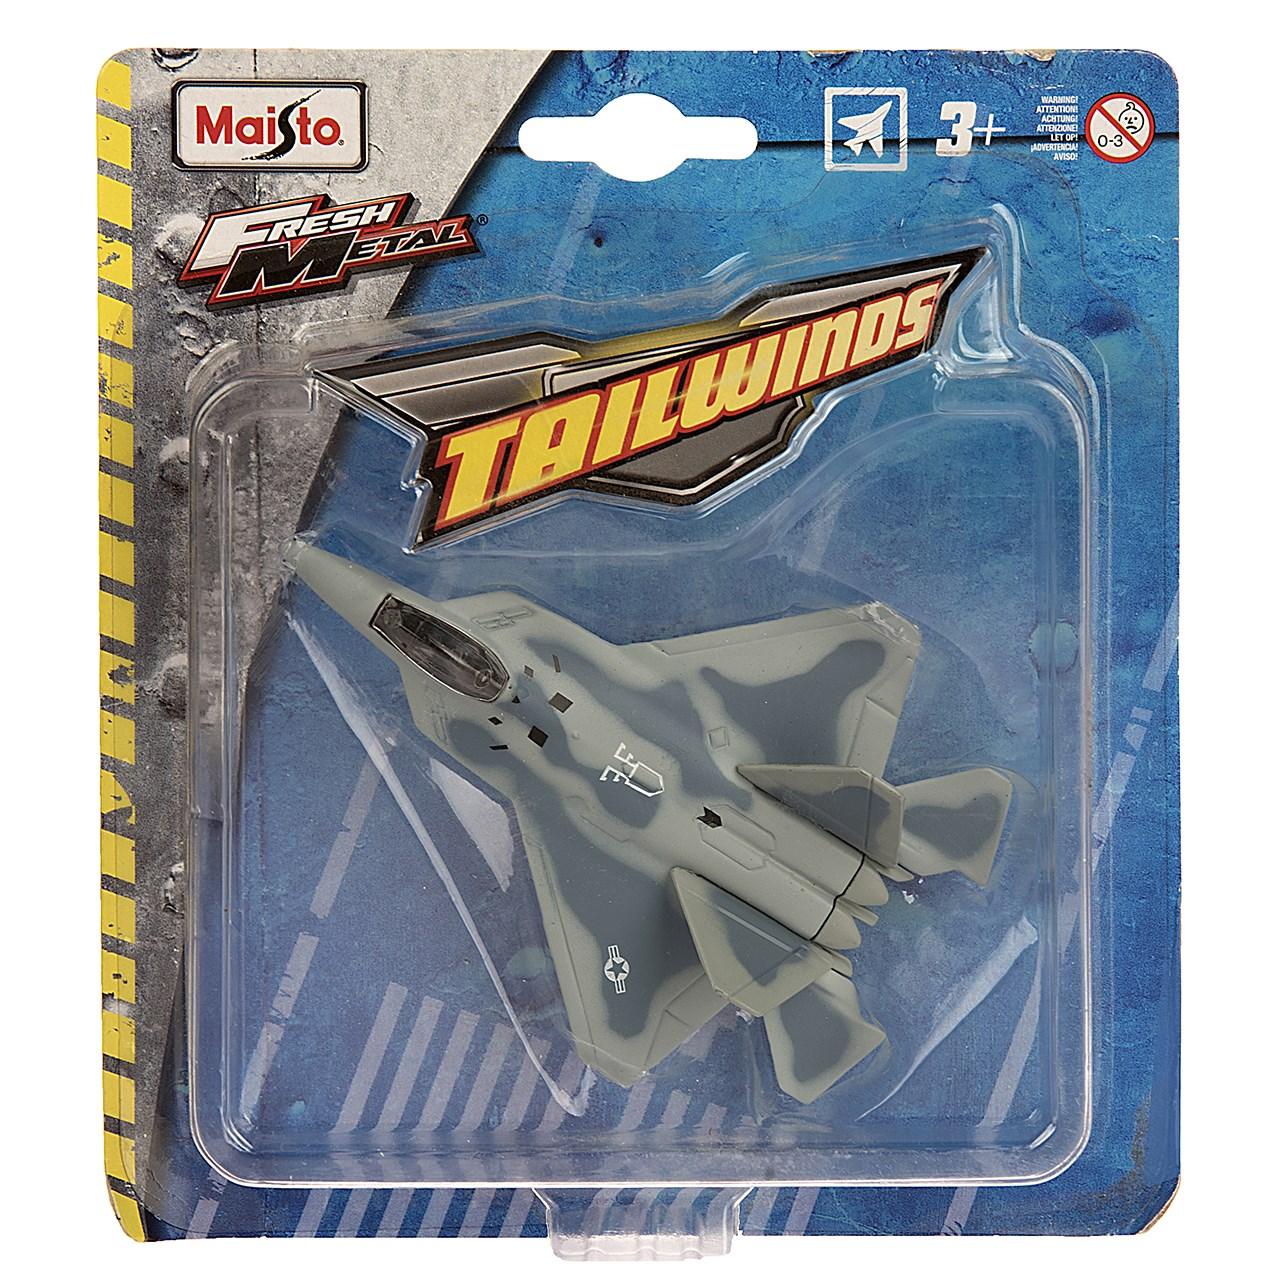 هواپیما مایستو مدل Aircraft F/A-18E Super Hornet